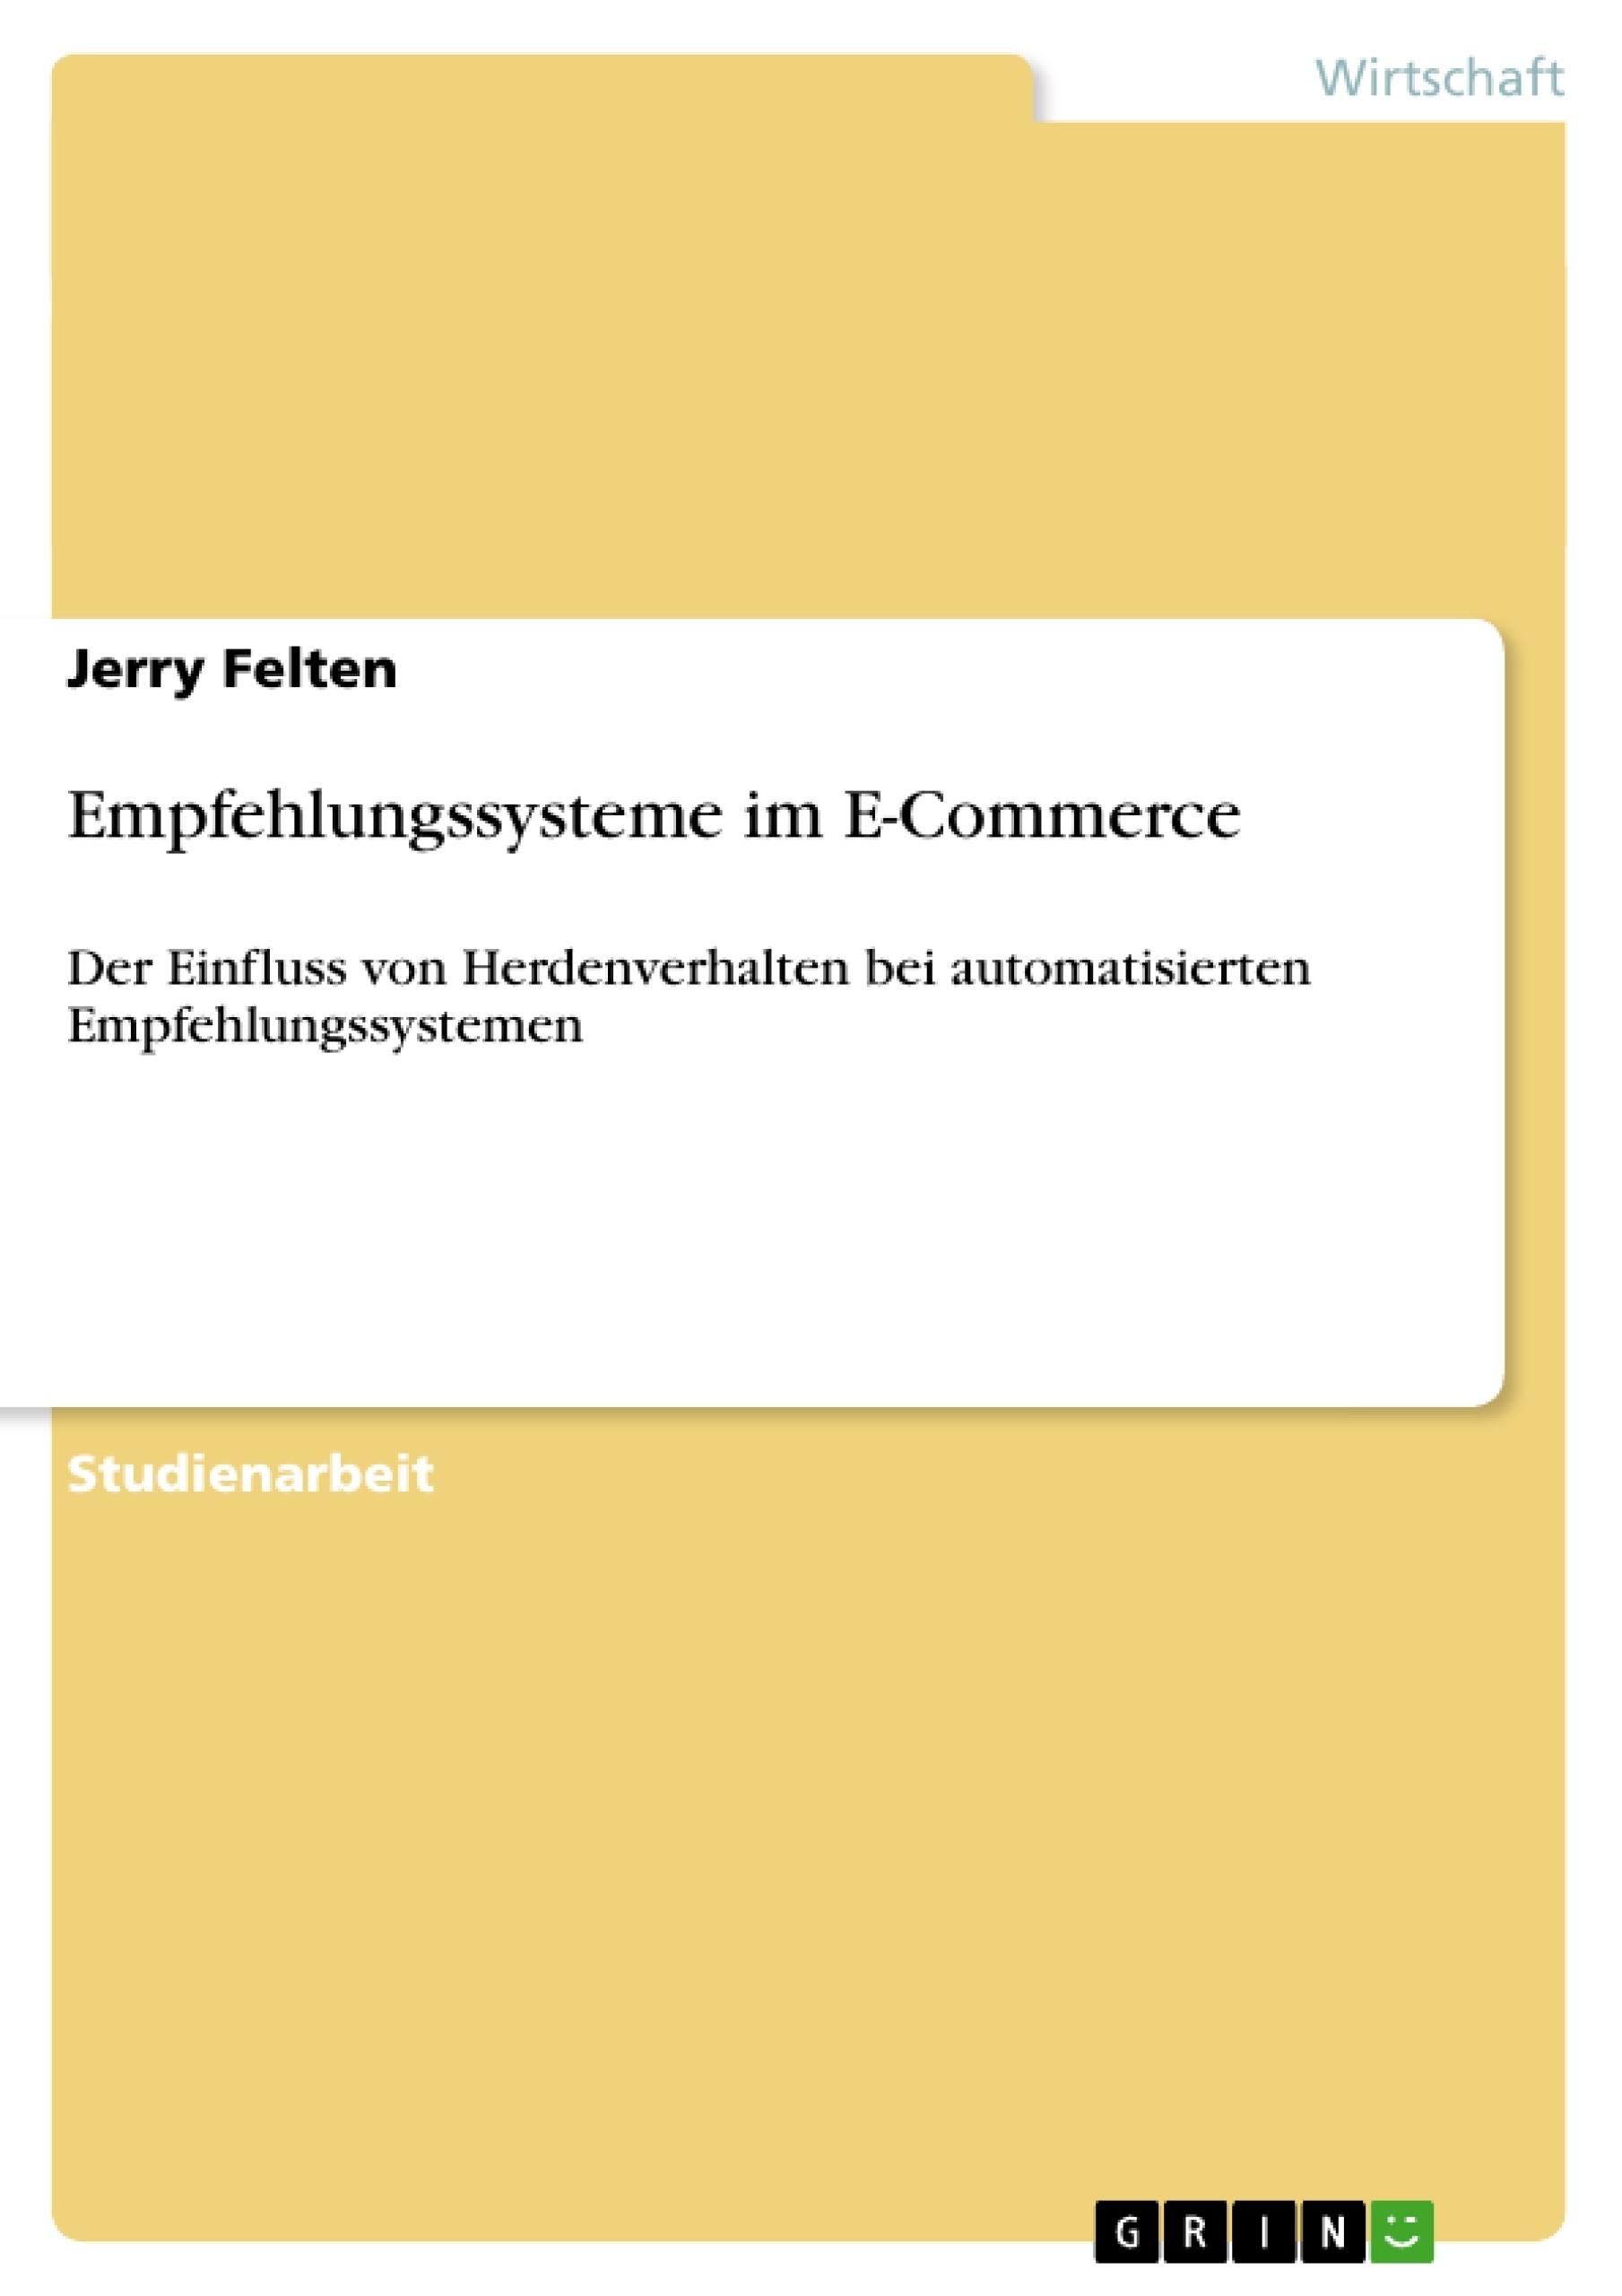 Titel: Empfehlungssysteme im E-Commerce